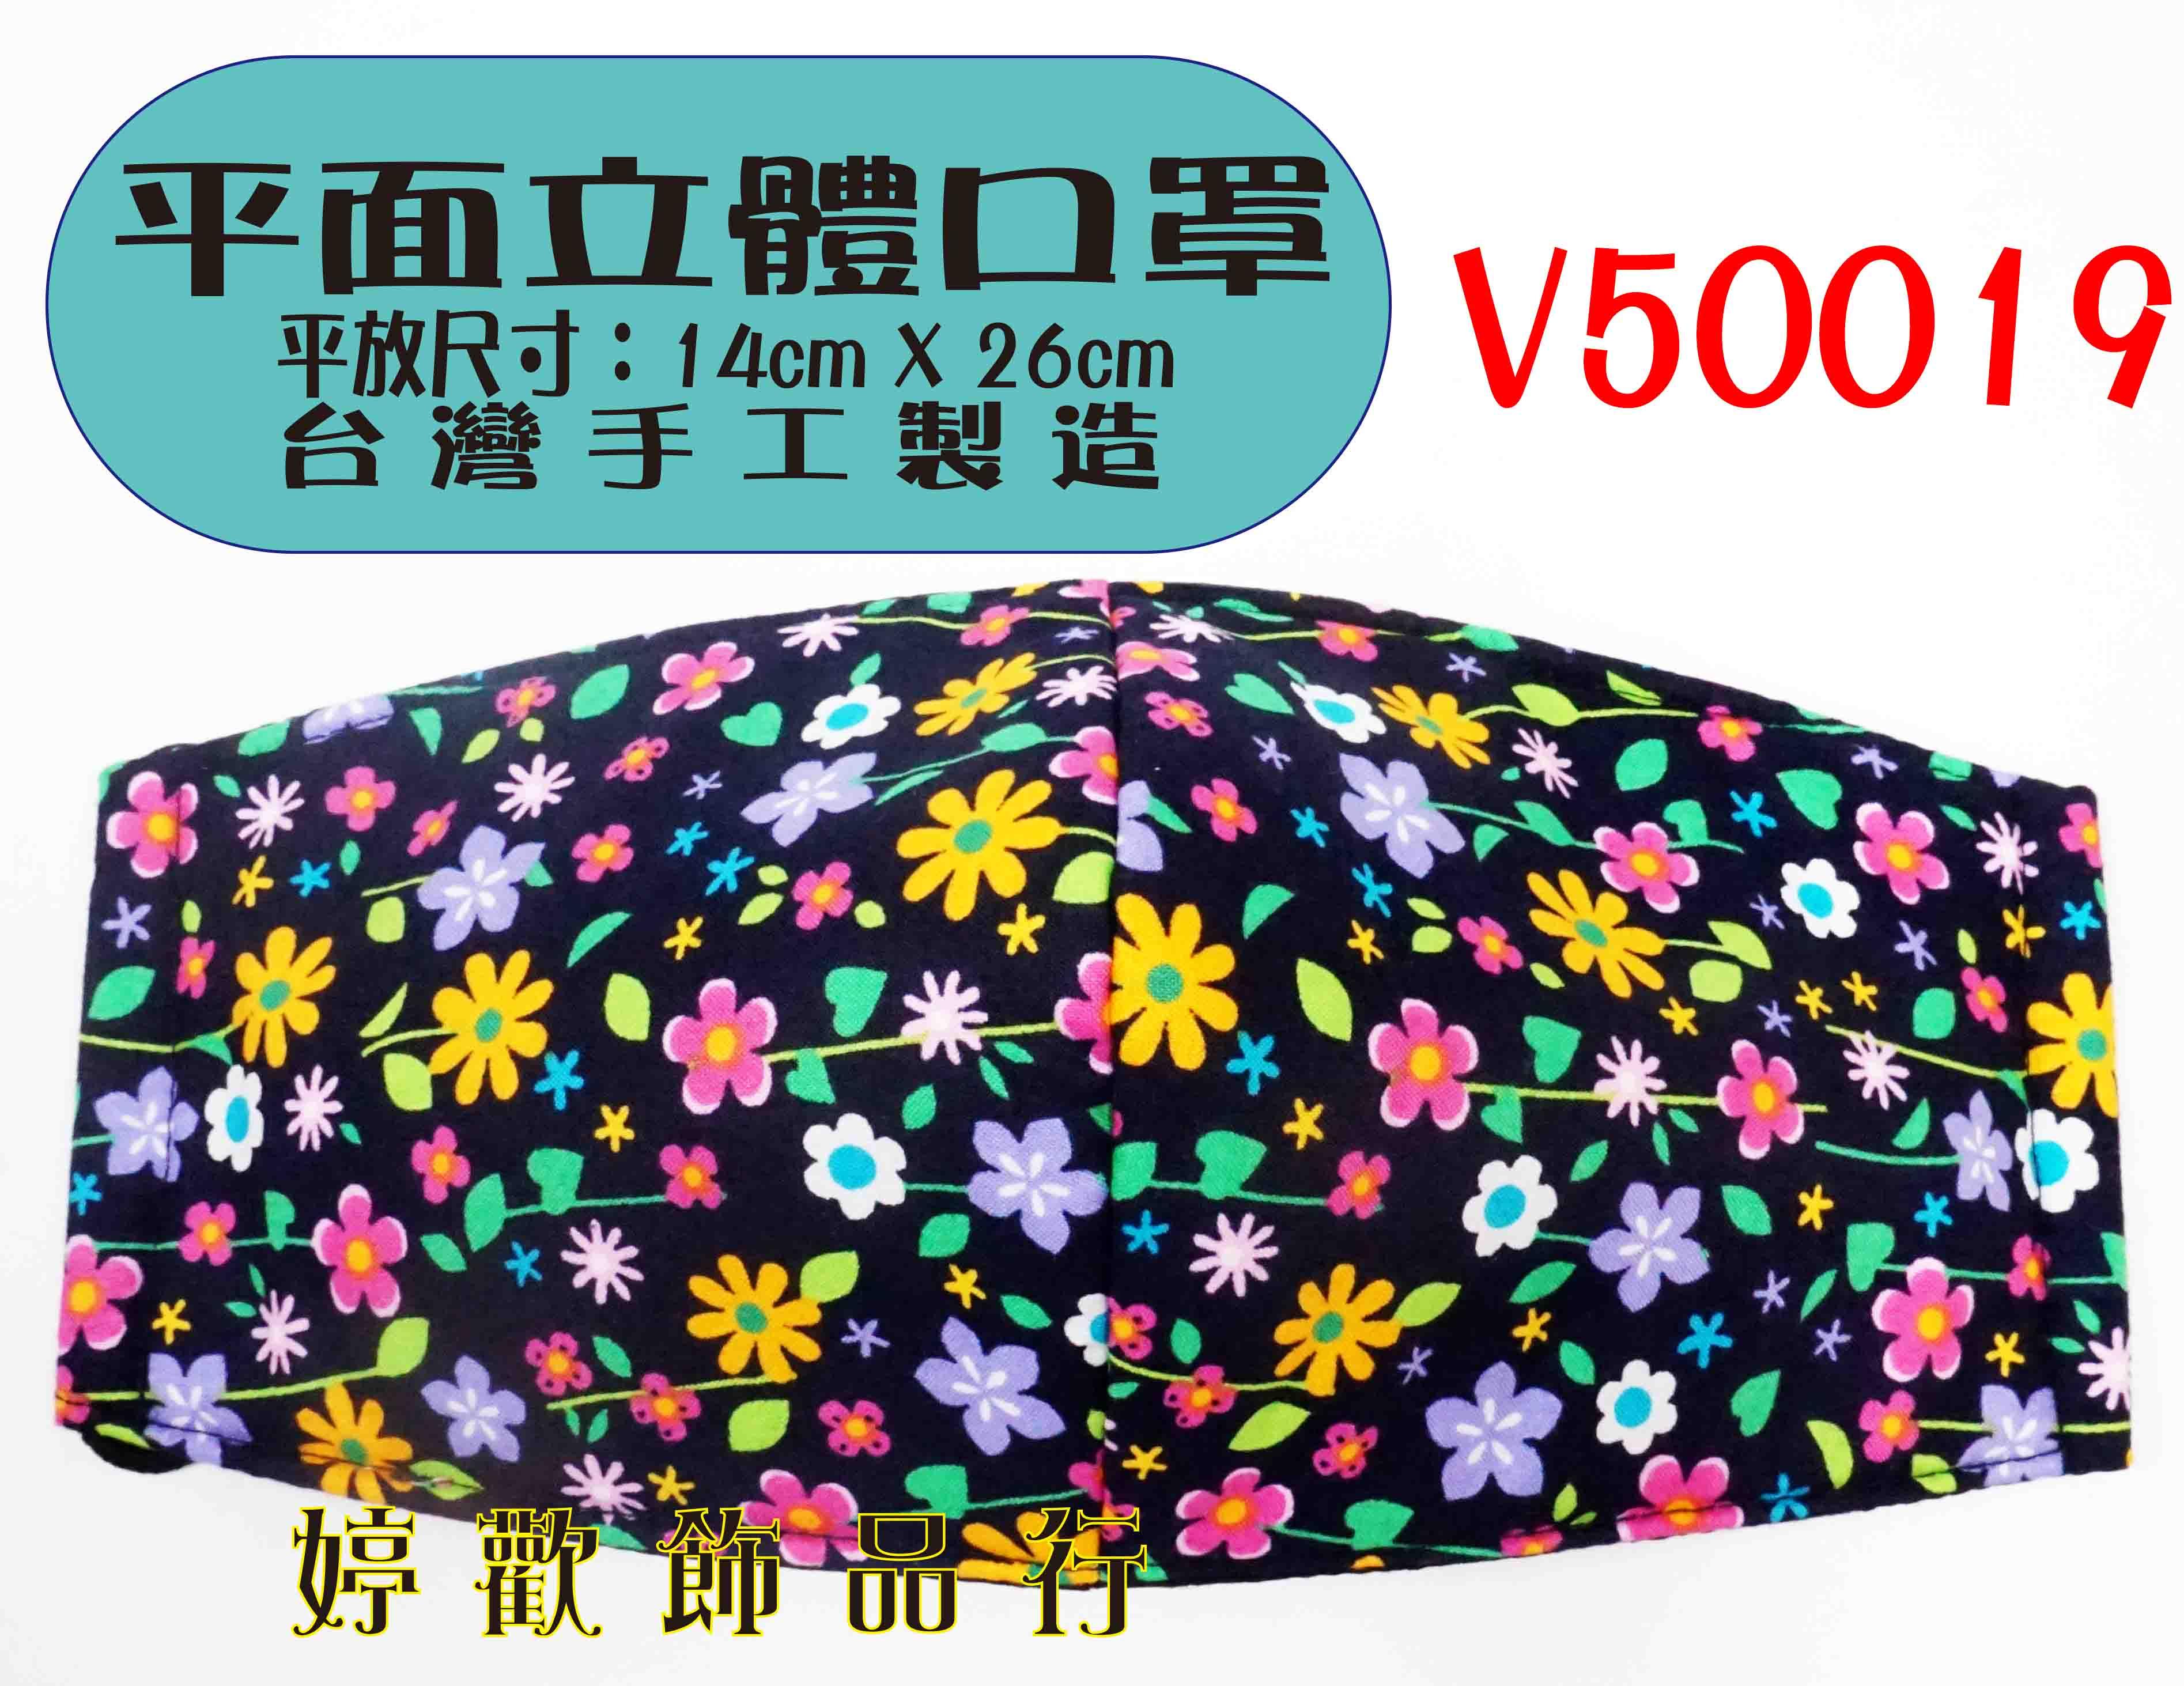 平面立體口罩/花布/台灣製造/85%棉V50019